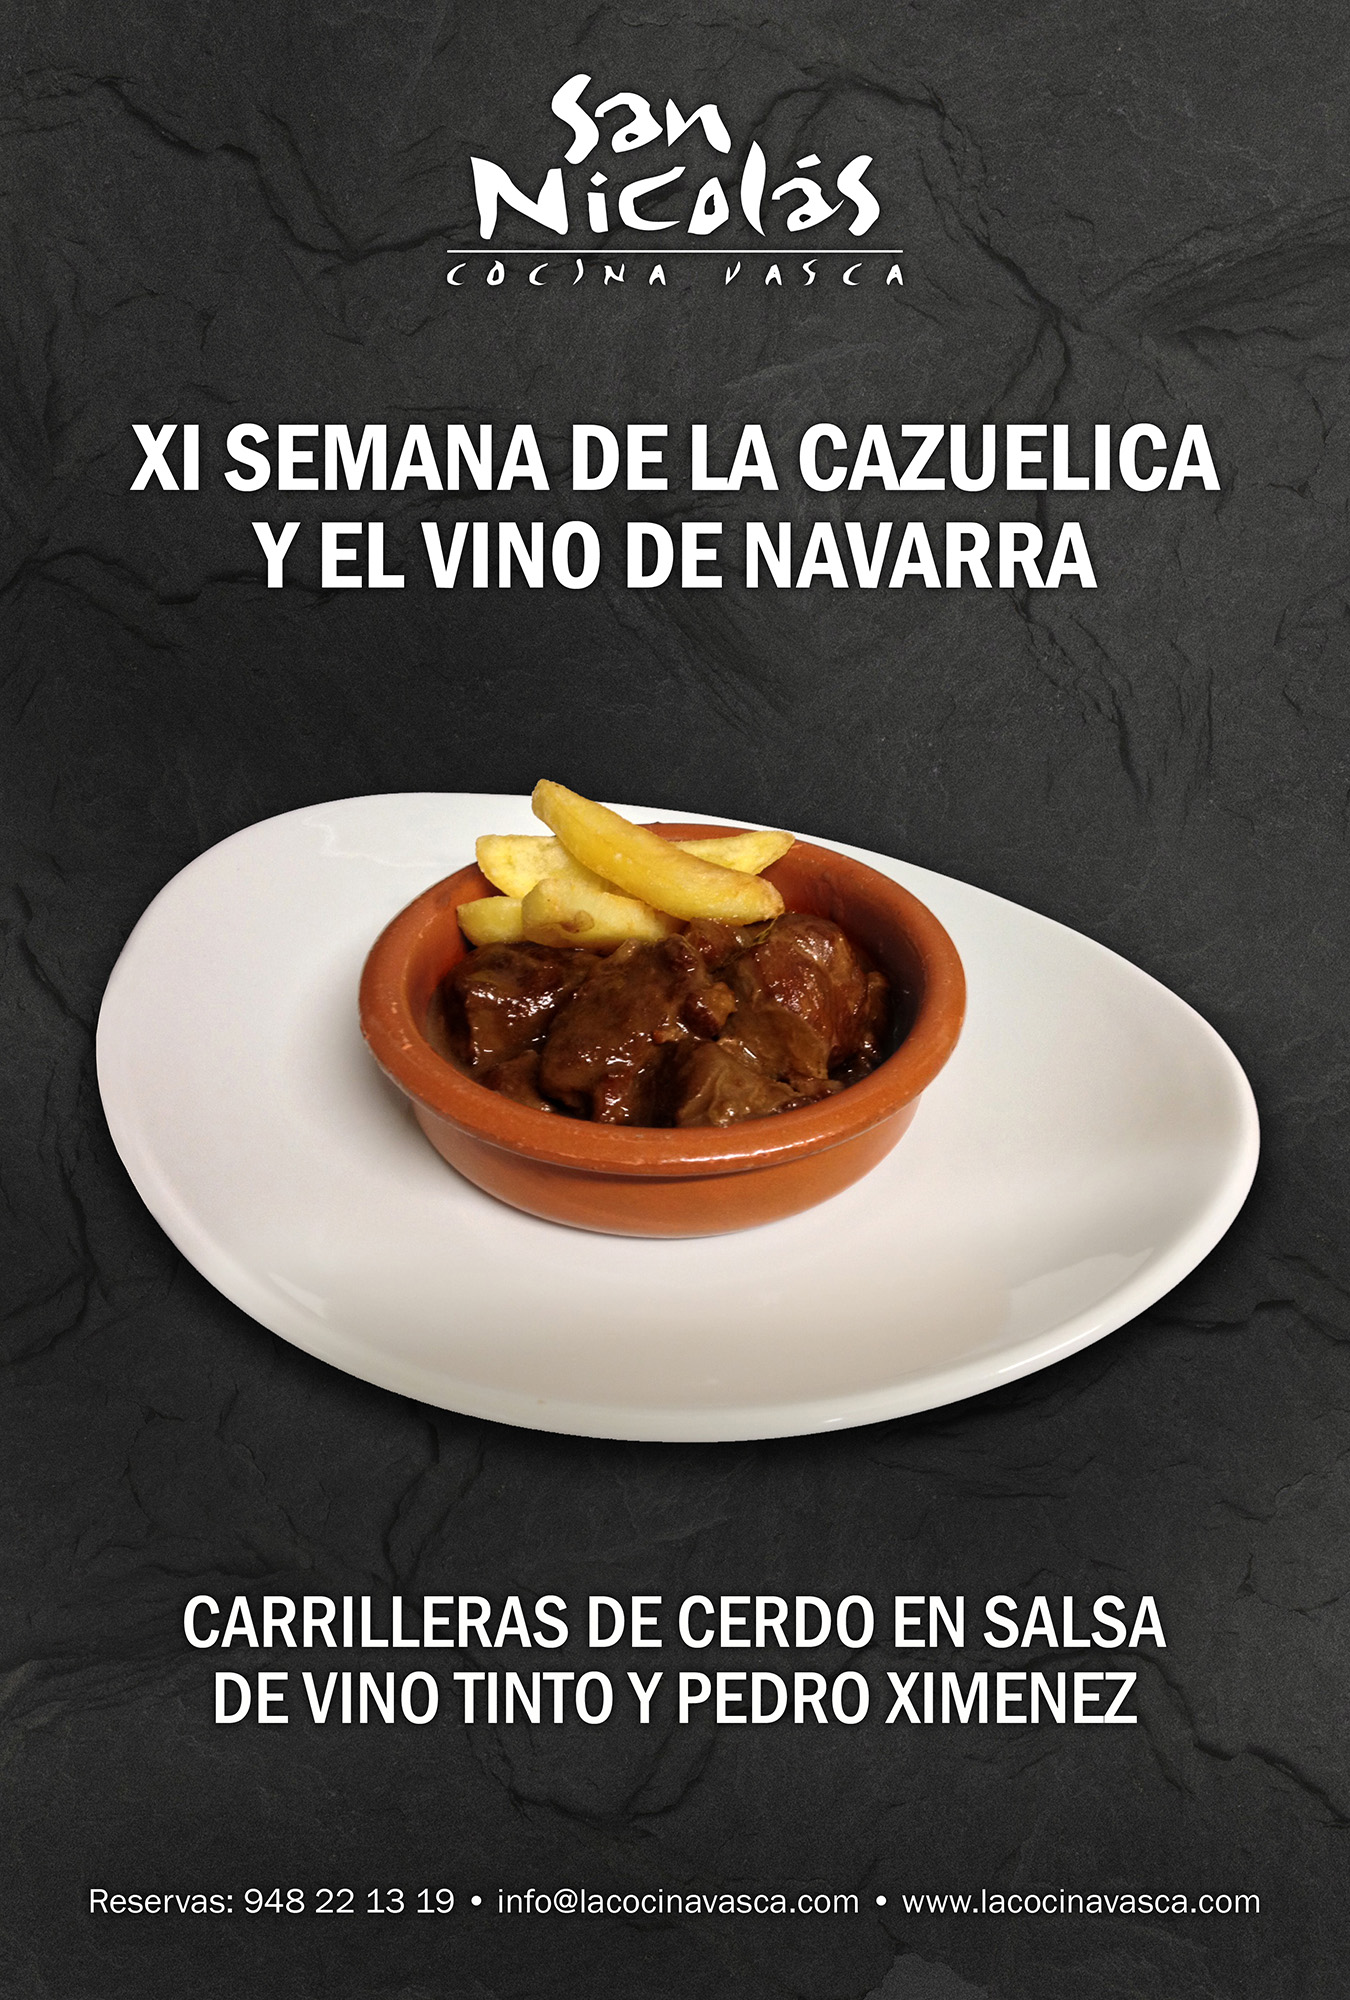 Carteles promocionales para la Semana del pincho del restaurante San Nicolás